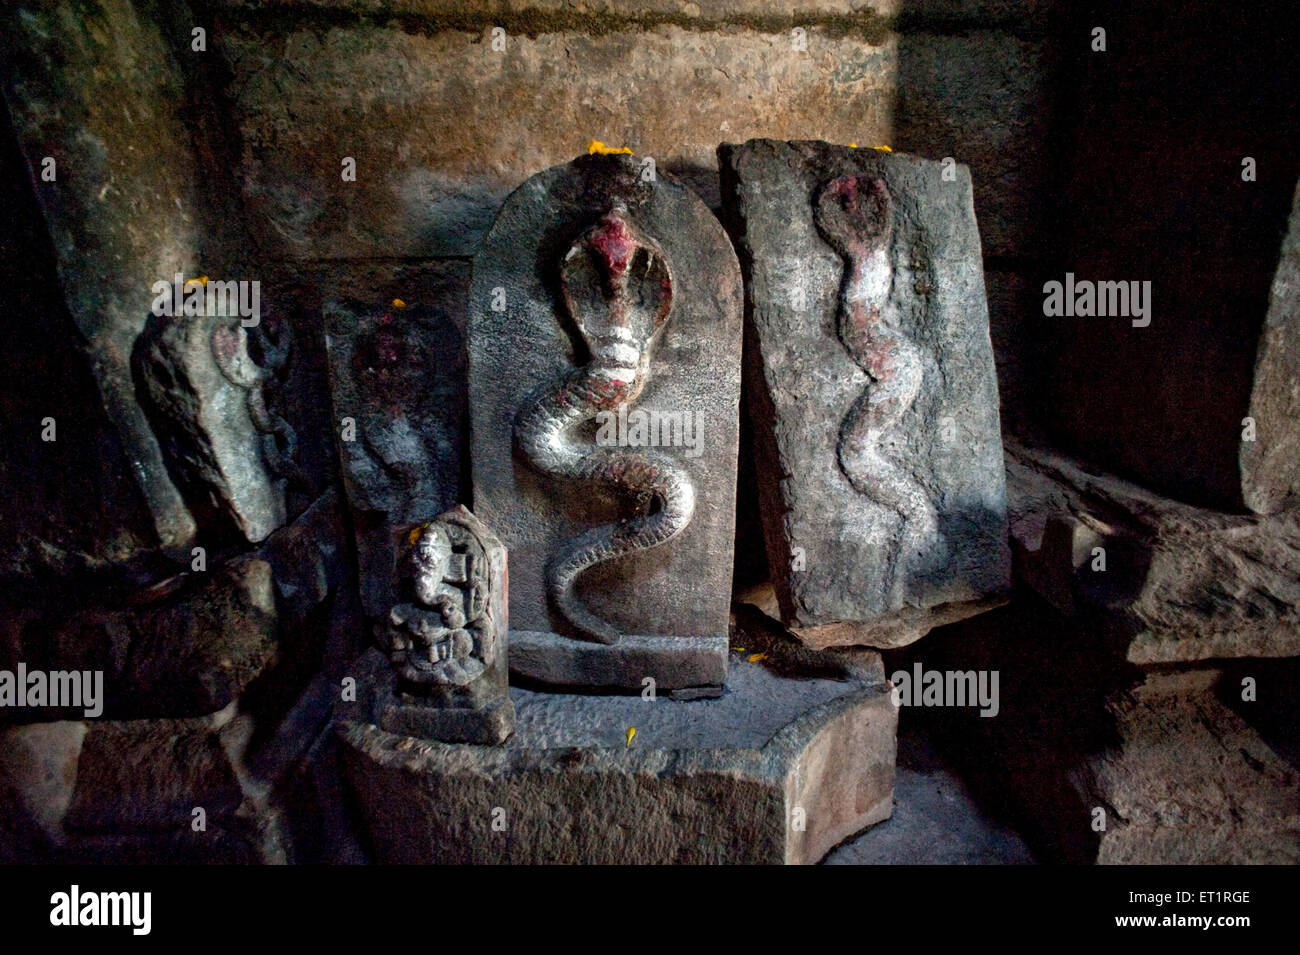 Las serpientes talladas en templo de dambal doddabasappa gadag ; ; Karnataka India Foto de stock